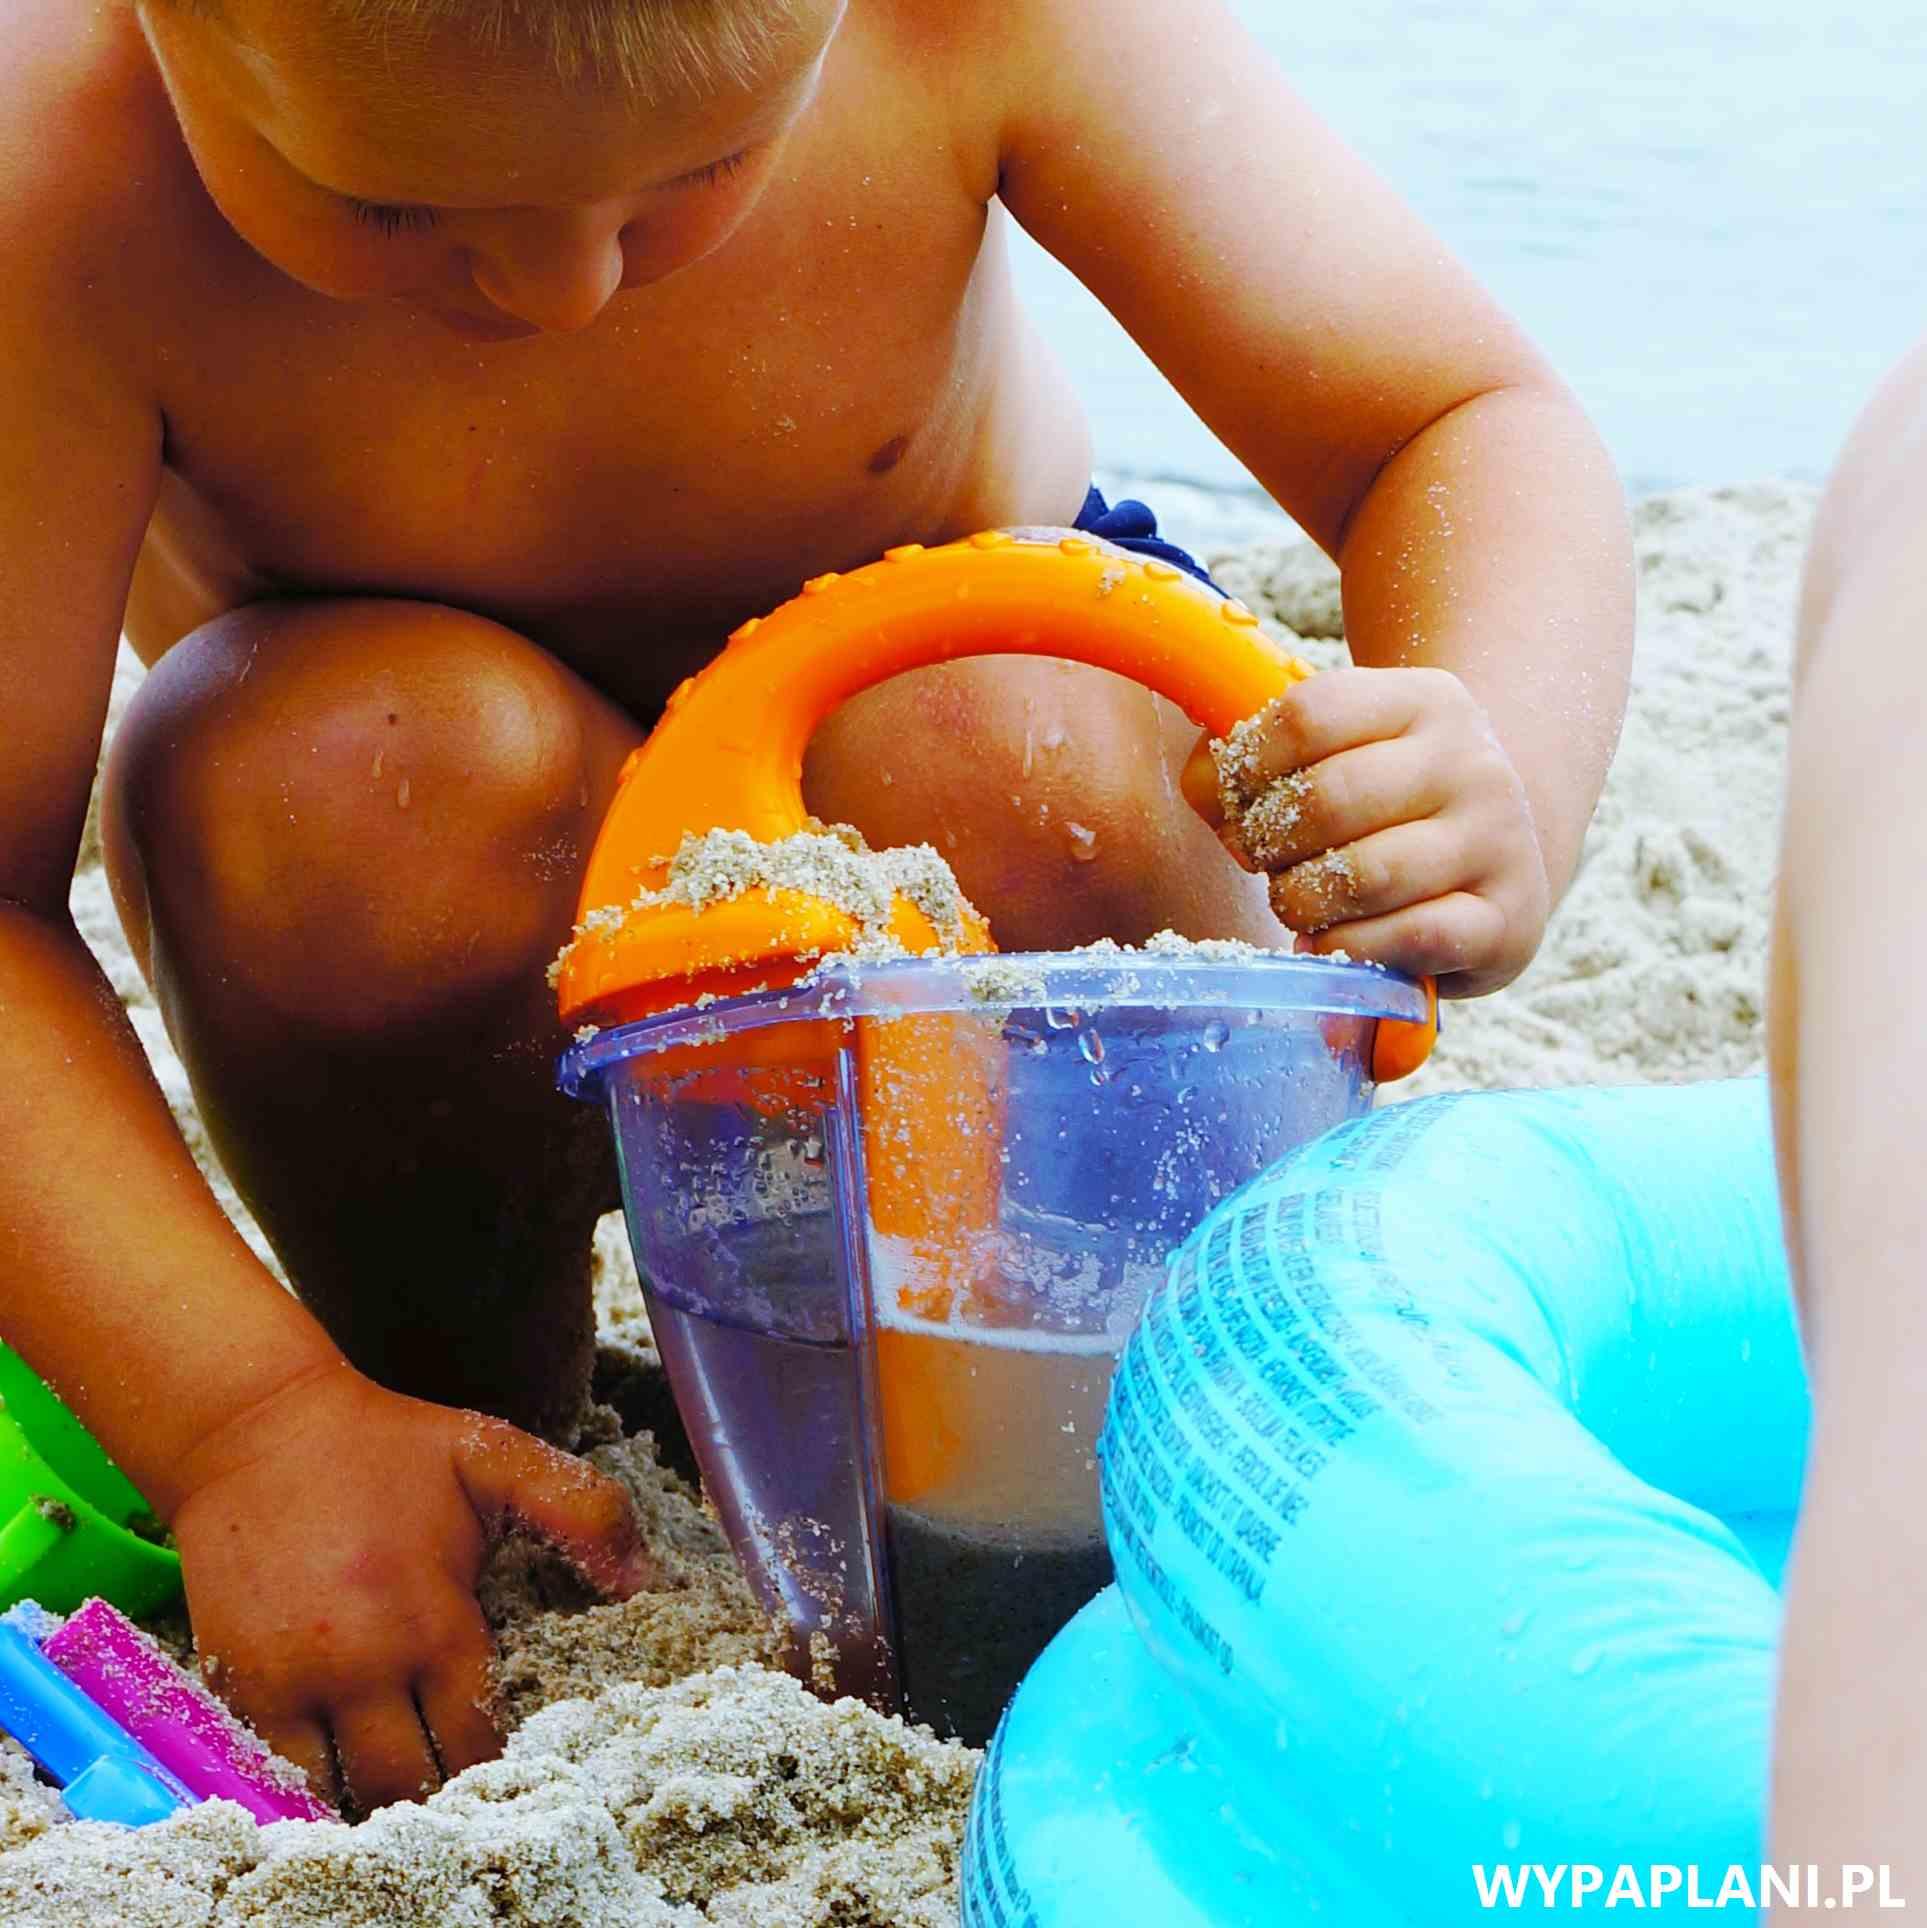 014c_top zabawki do piasku piaskownicy na plażę